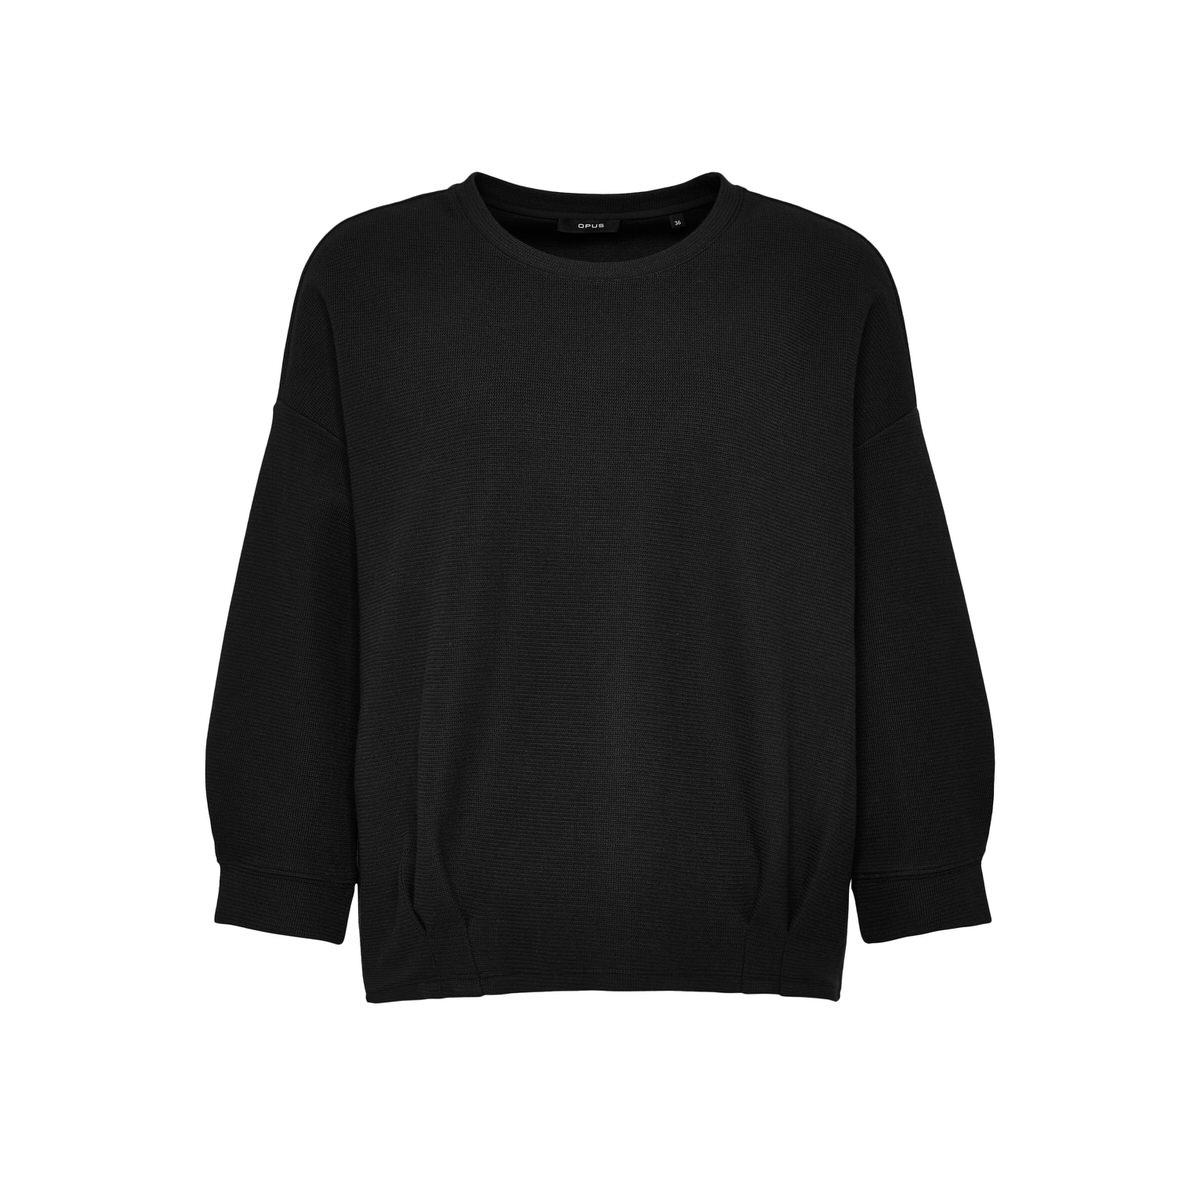 Artikel klicken und genauer betrachten! - Das Sweatshirt kommt in einem hochwertigen Baumwoll-Mix daher. Der lockere Schnitt wird durch die femininen Raffungen am Saum gebrochen. Bequem und lässig starten wir mit hochwertigen Qualitäten in den Herbst. Baumwoll-Mix, Oversized-Shape, überschnittene Schultern, Detail mit Raffung, das Model ist 177 cm groß und trägt Größe 36. | im Online Shop kaufen